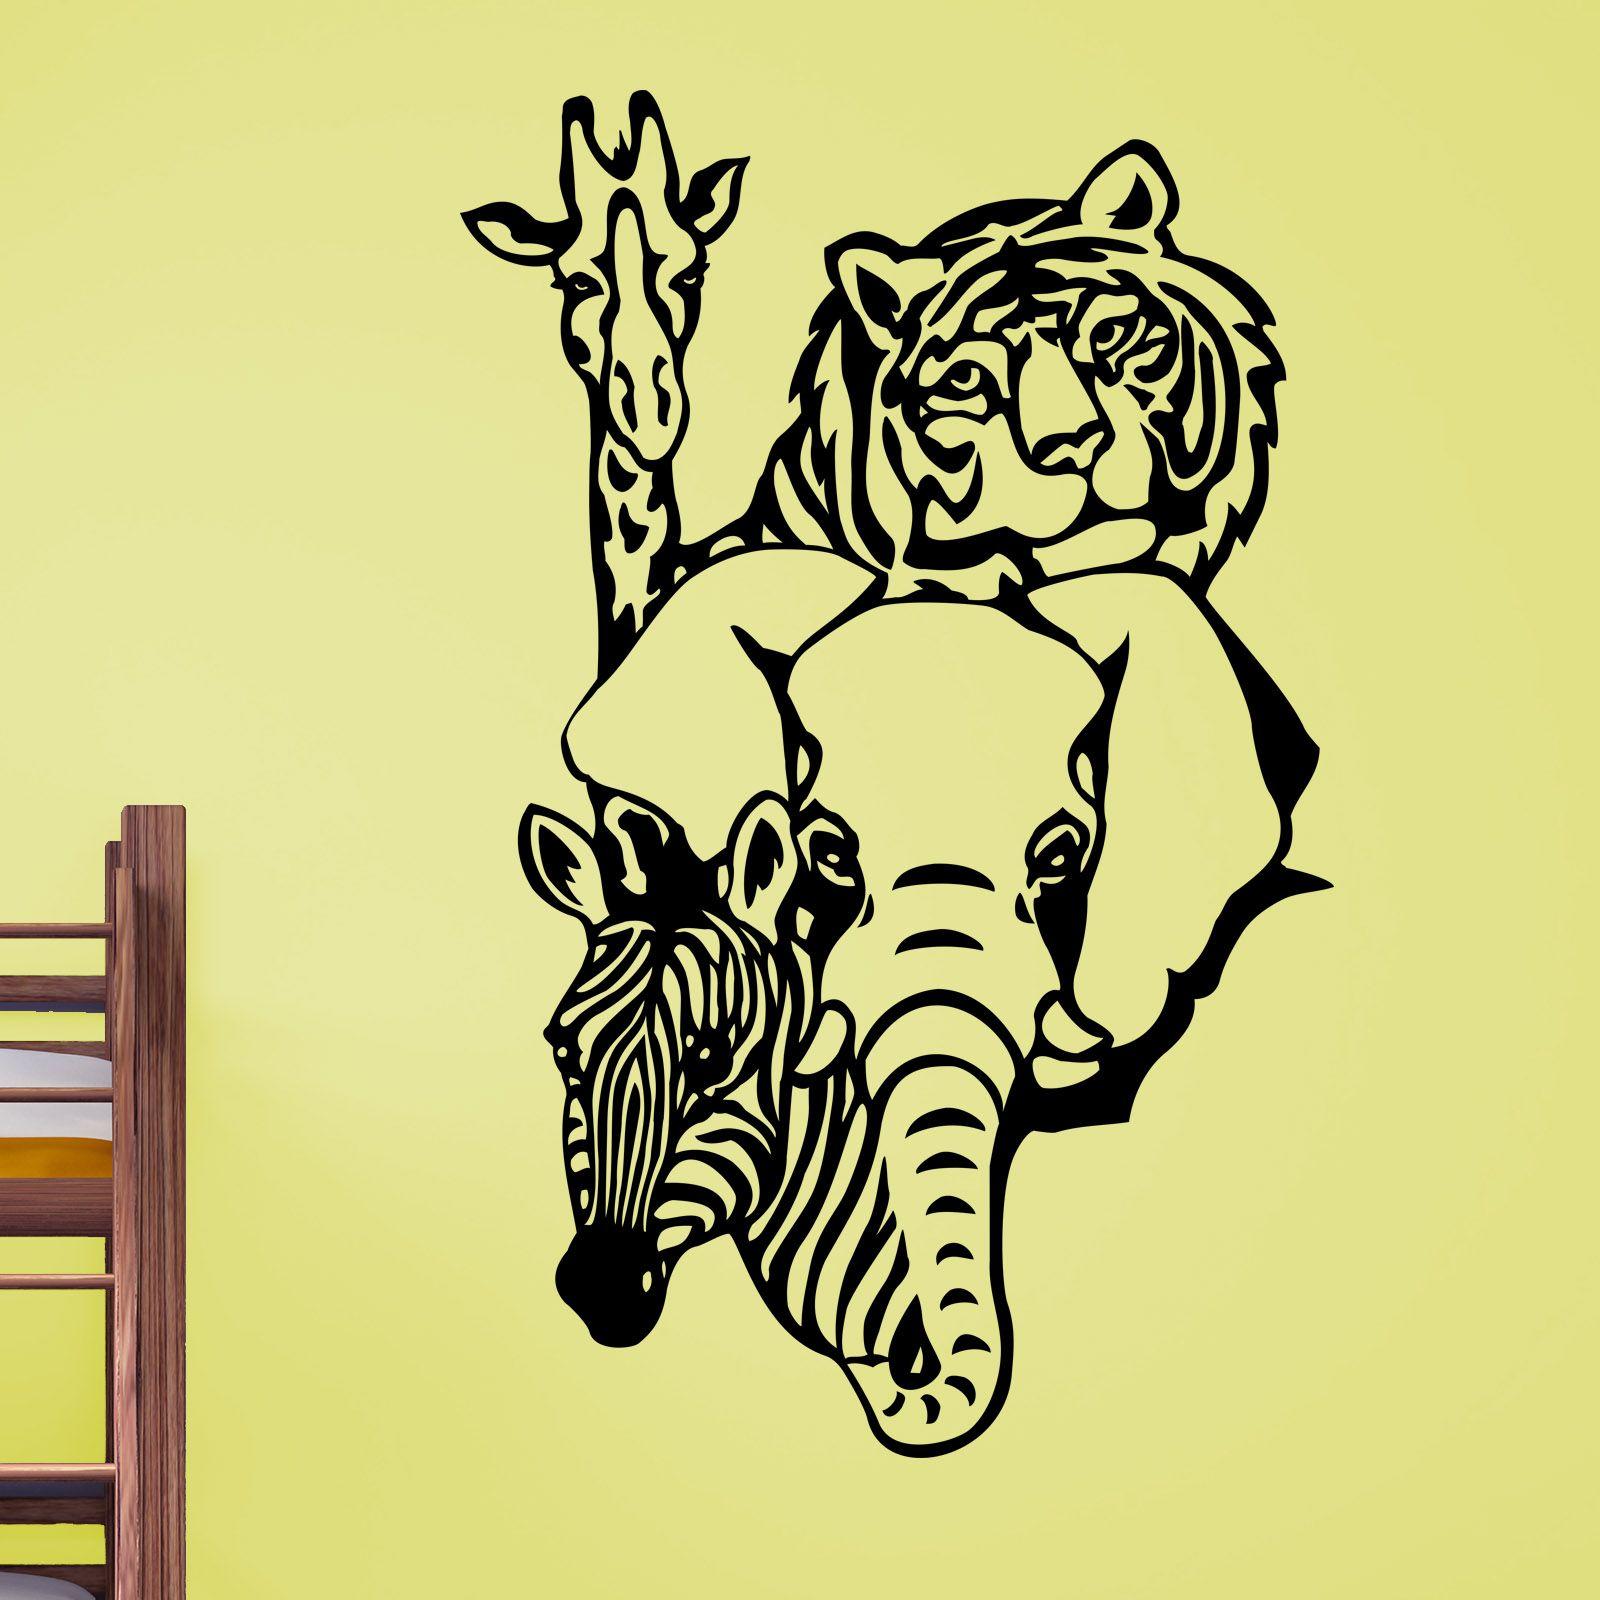 Quality Tiger Giraffe Elephant Zebra Animal Wall Sticker